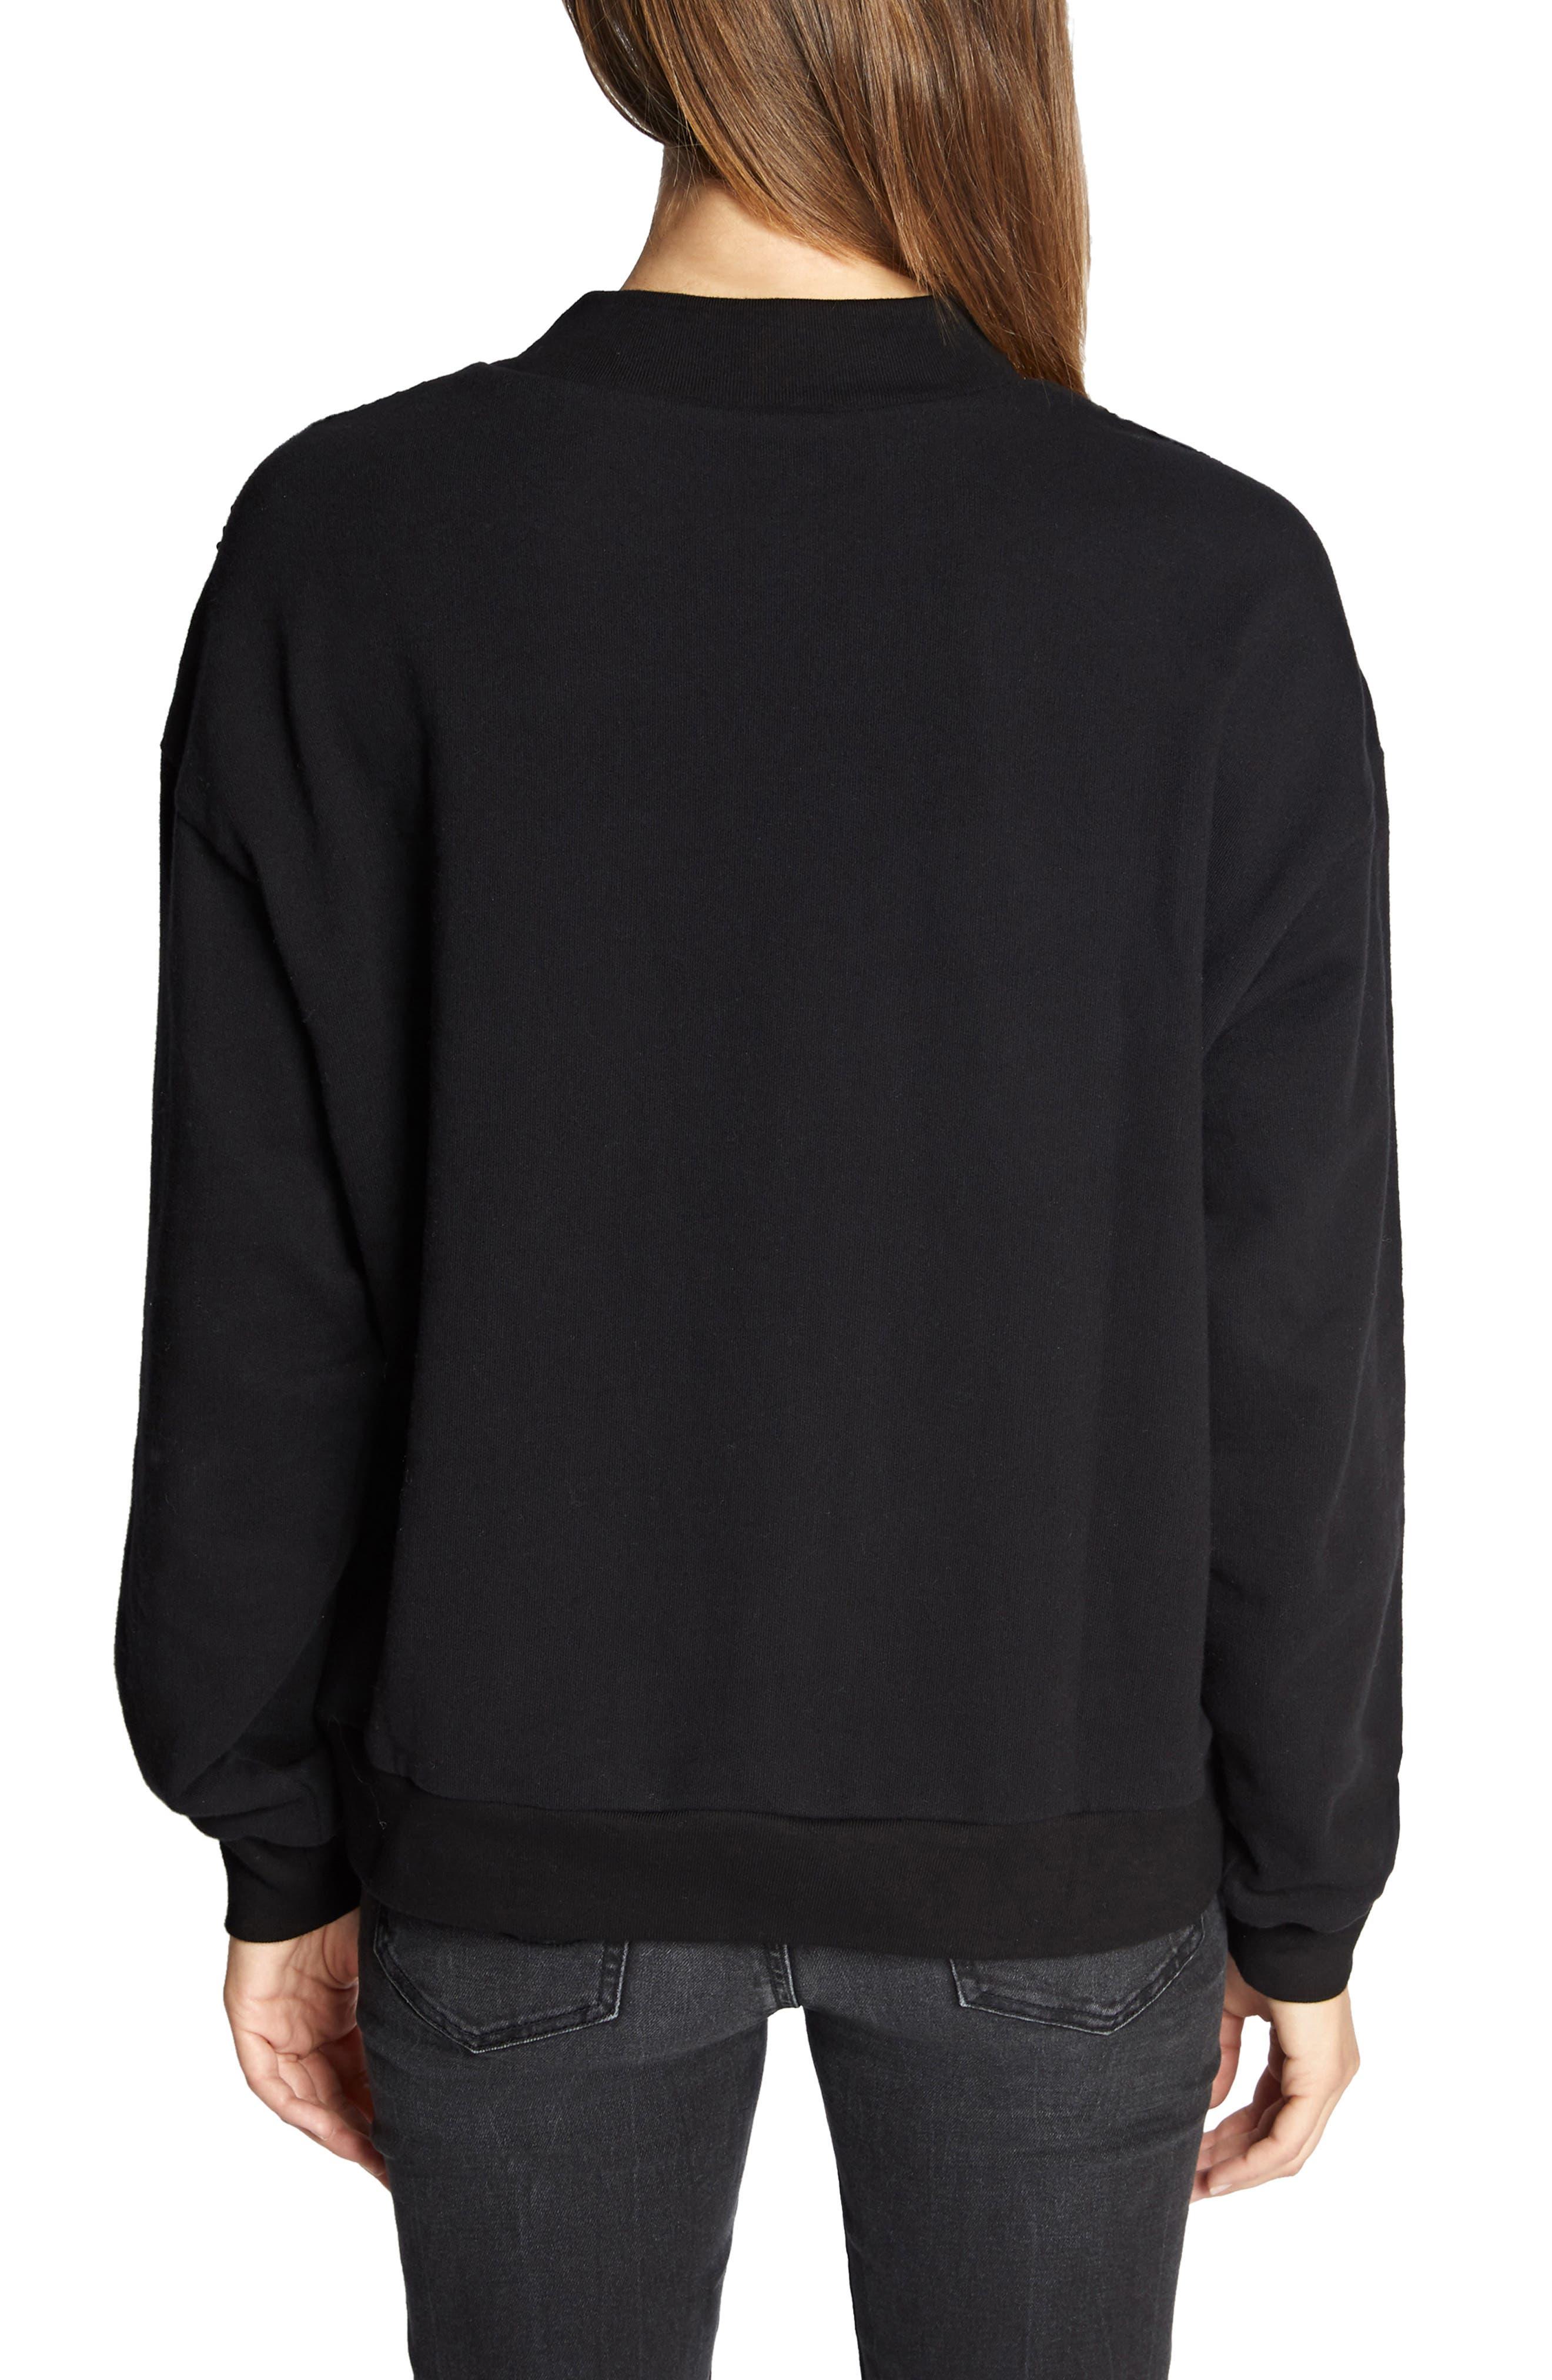 Last Dance Sequin Sweatshirt,                             Alternate thumbnail 2, color,                             BLACK/ SILVER